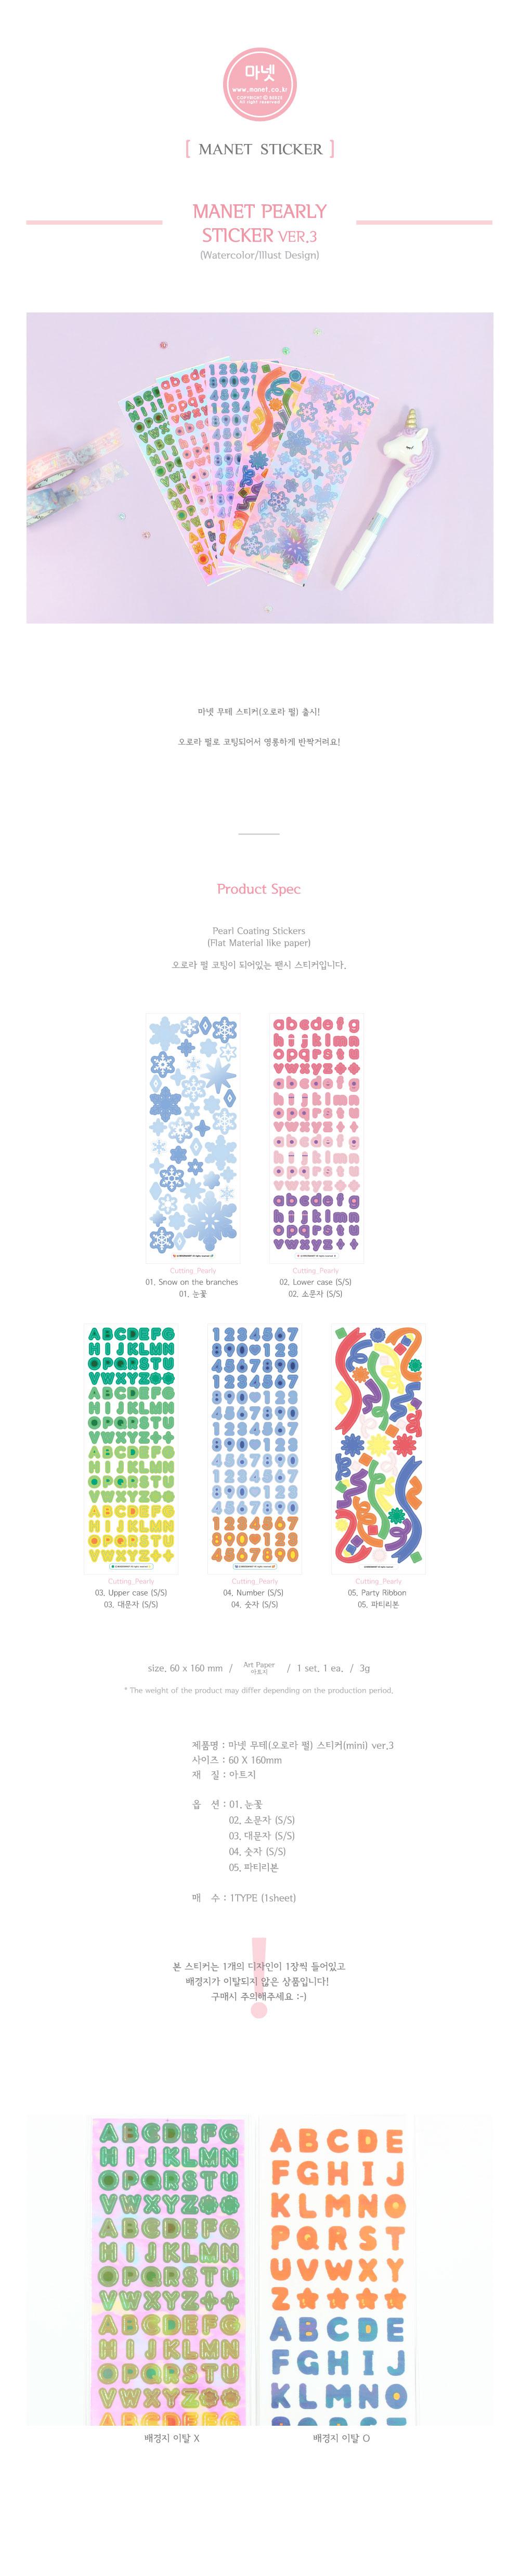 마넷 무테 스티커 (오로라 펄) ver.3 - 마넷, 1,800원, 스티커, 디자인스티커